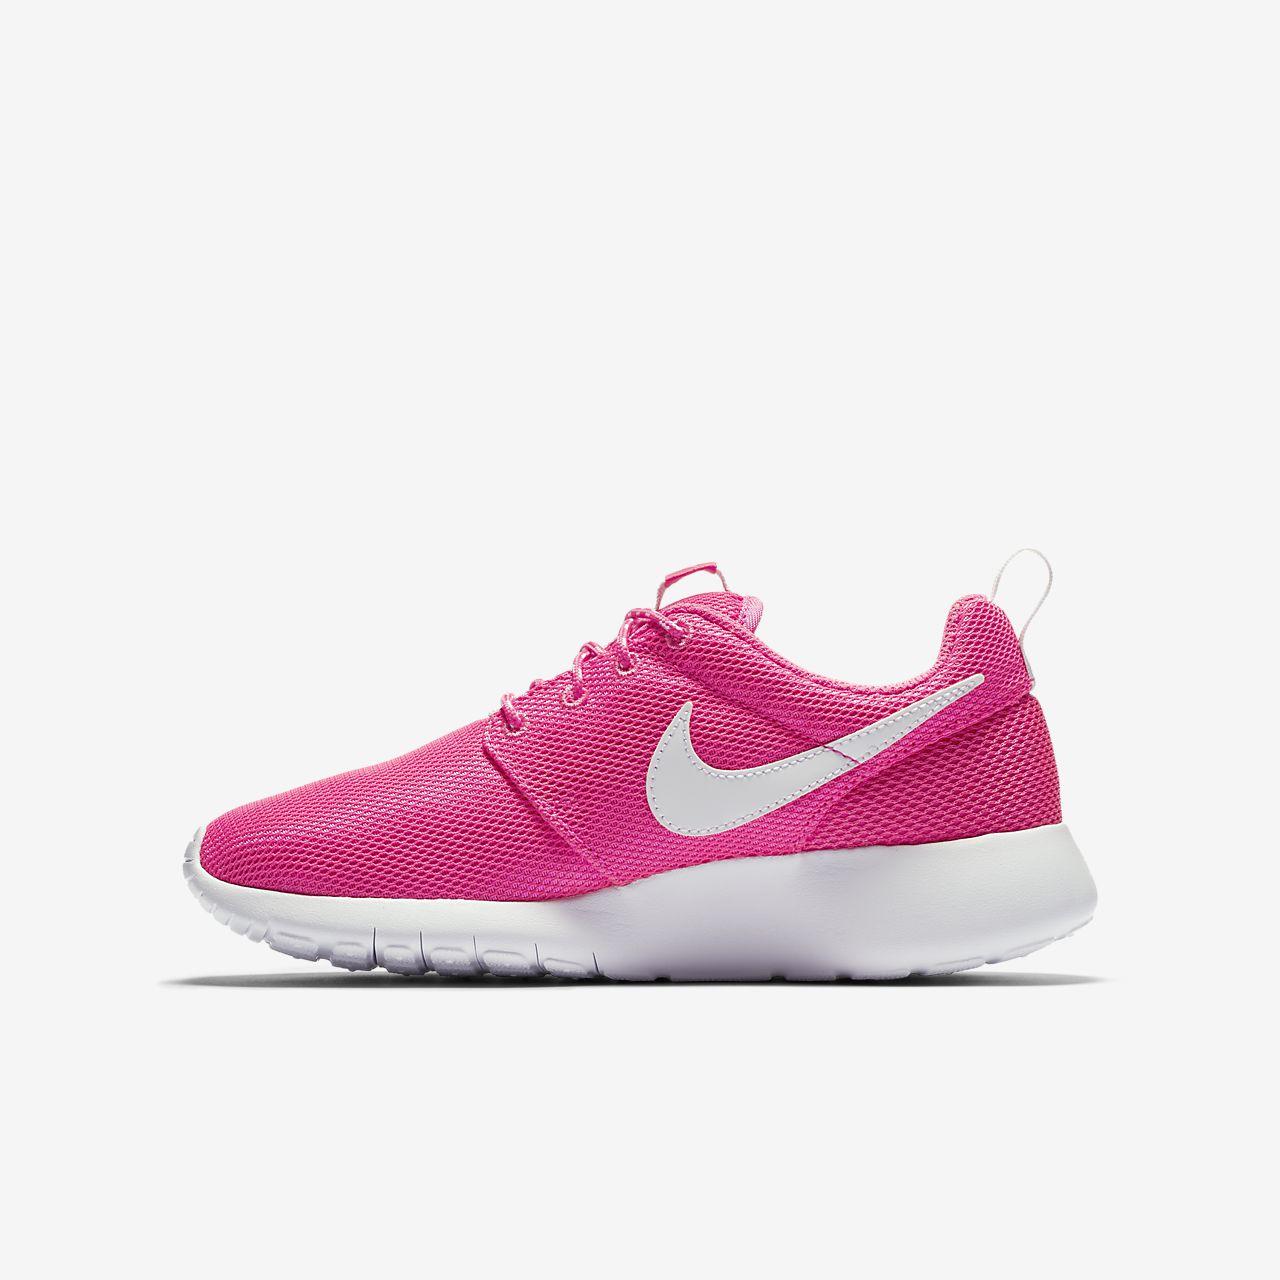 online retailer fc5e5 ccc8e ... Nike Roshe One Older Kids  Shoe